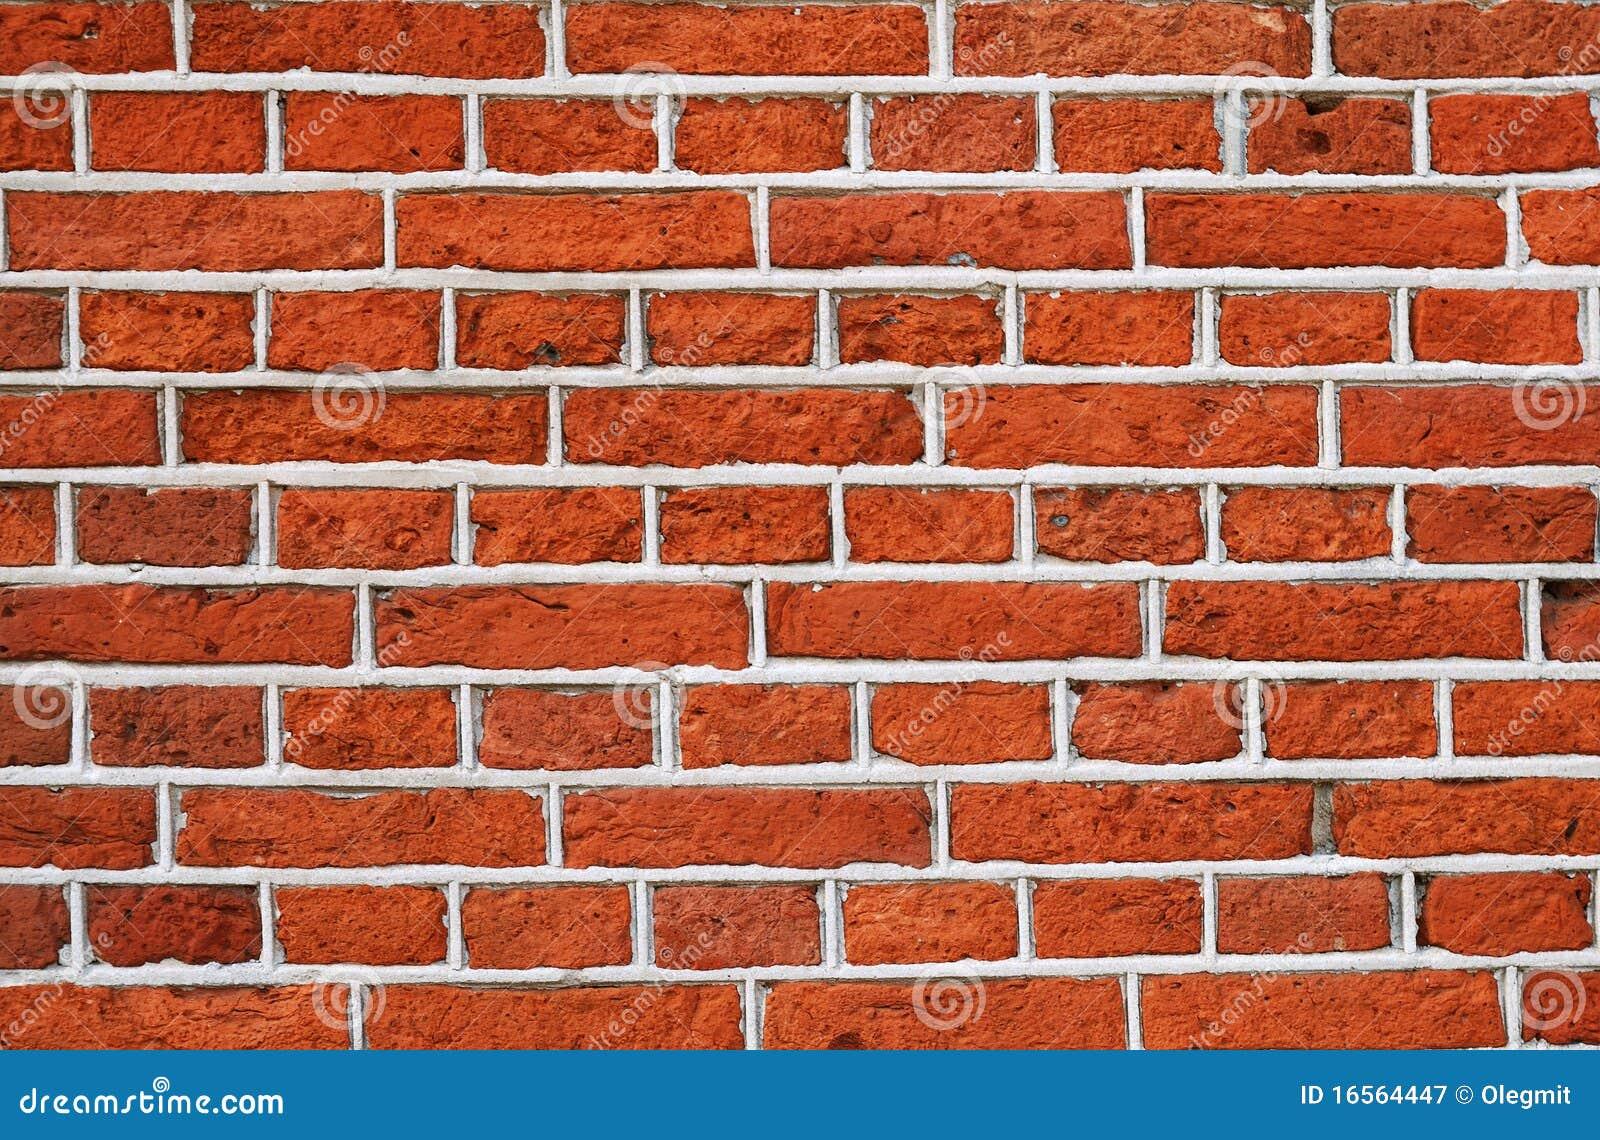 ... -vrije Stock Fotografie: Rode bakstenen muur met grijs cementpatroon